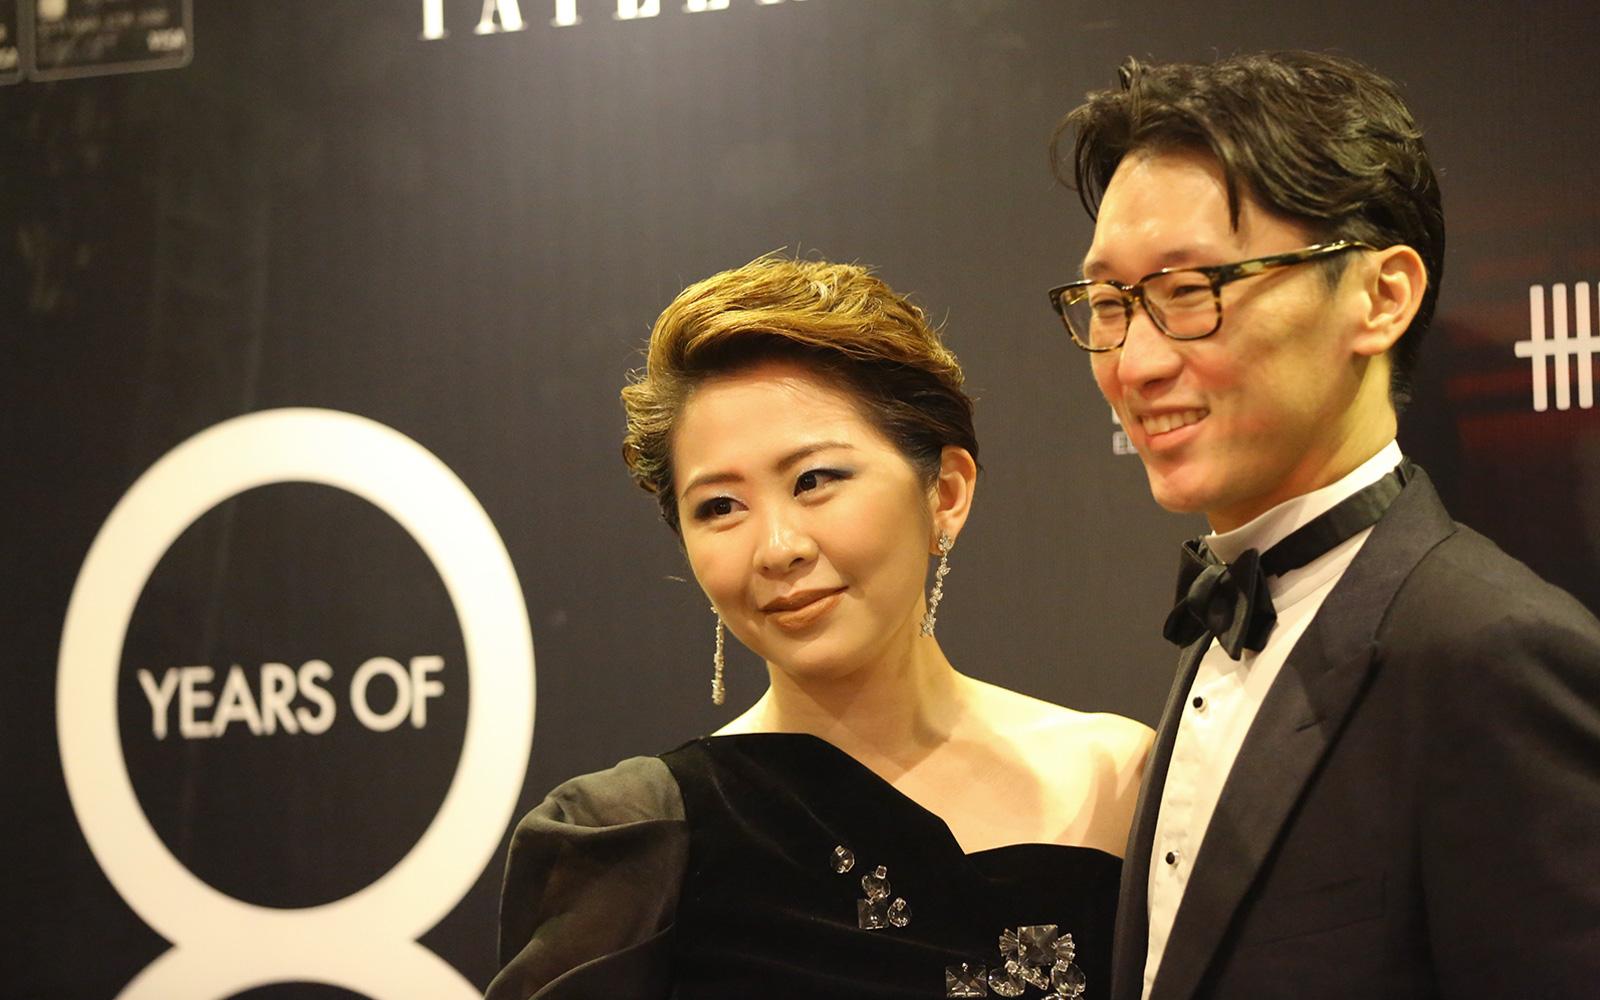 Lim Ai San and Tan Shen Wain